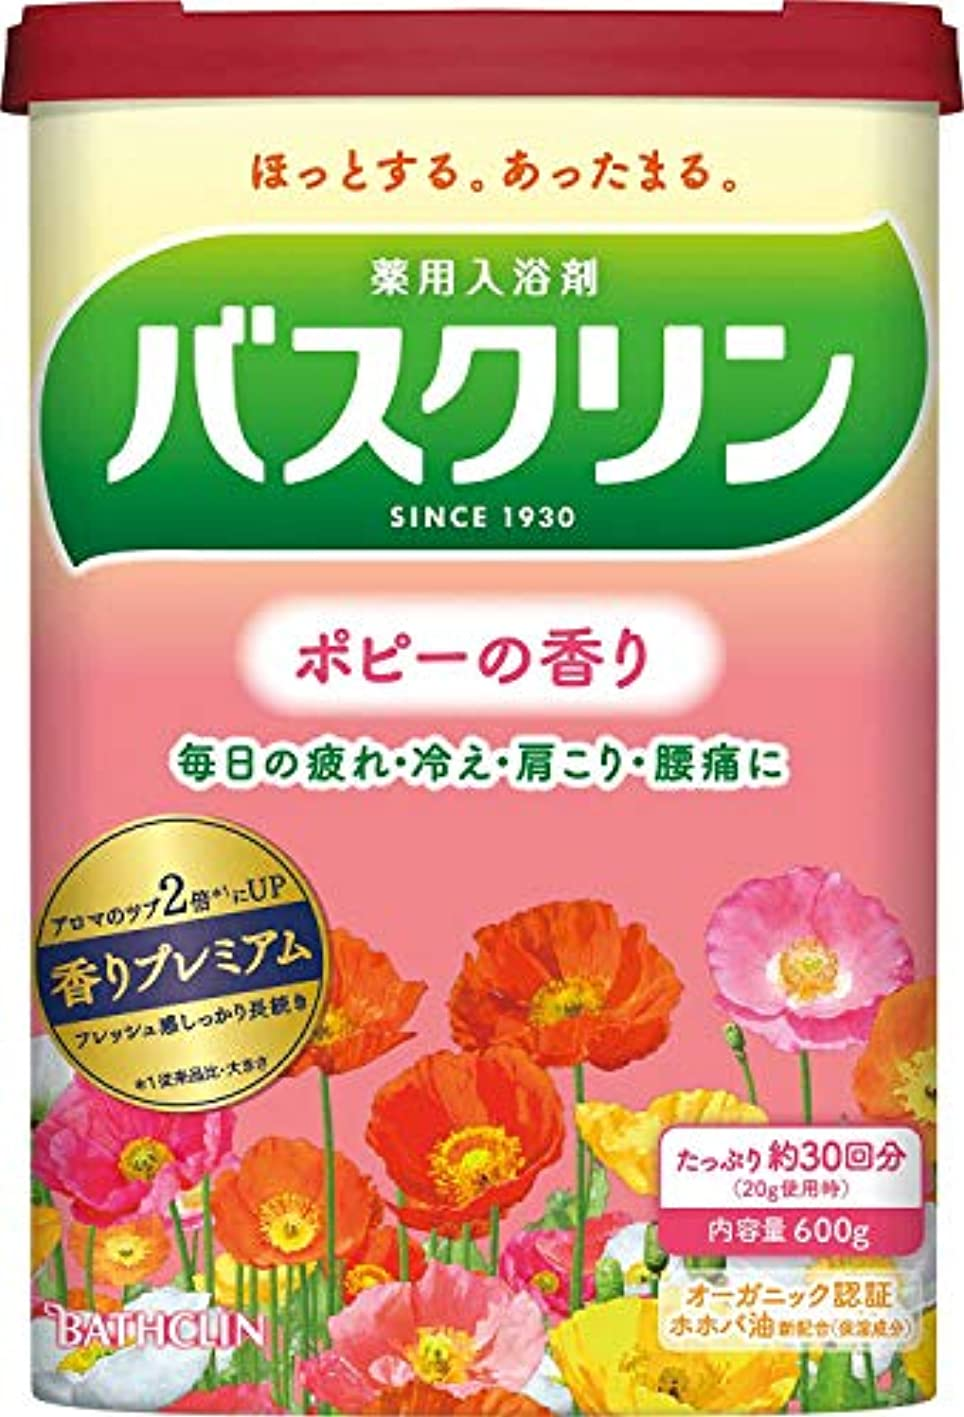 満員マイルストーンアンタゴニスト【医薬部外品】バスクリン入浴剤 ポピーの香り600g(約30回分) 疲労回復